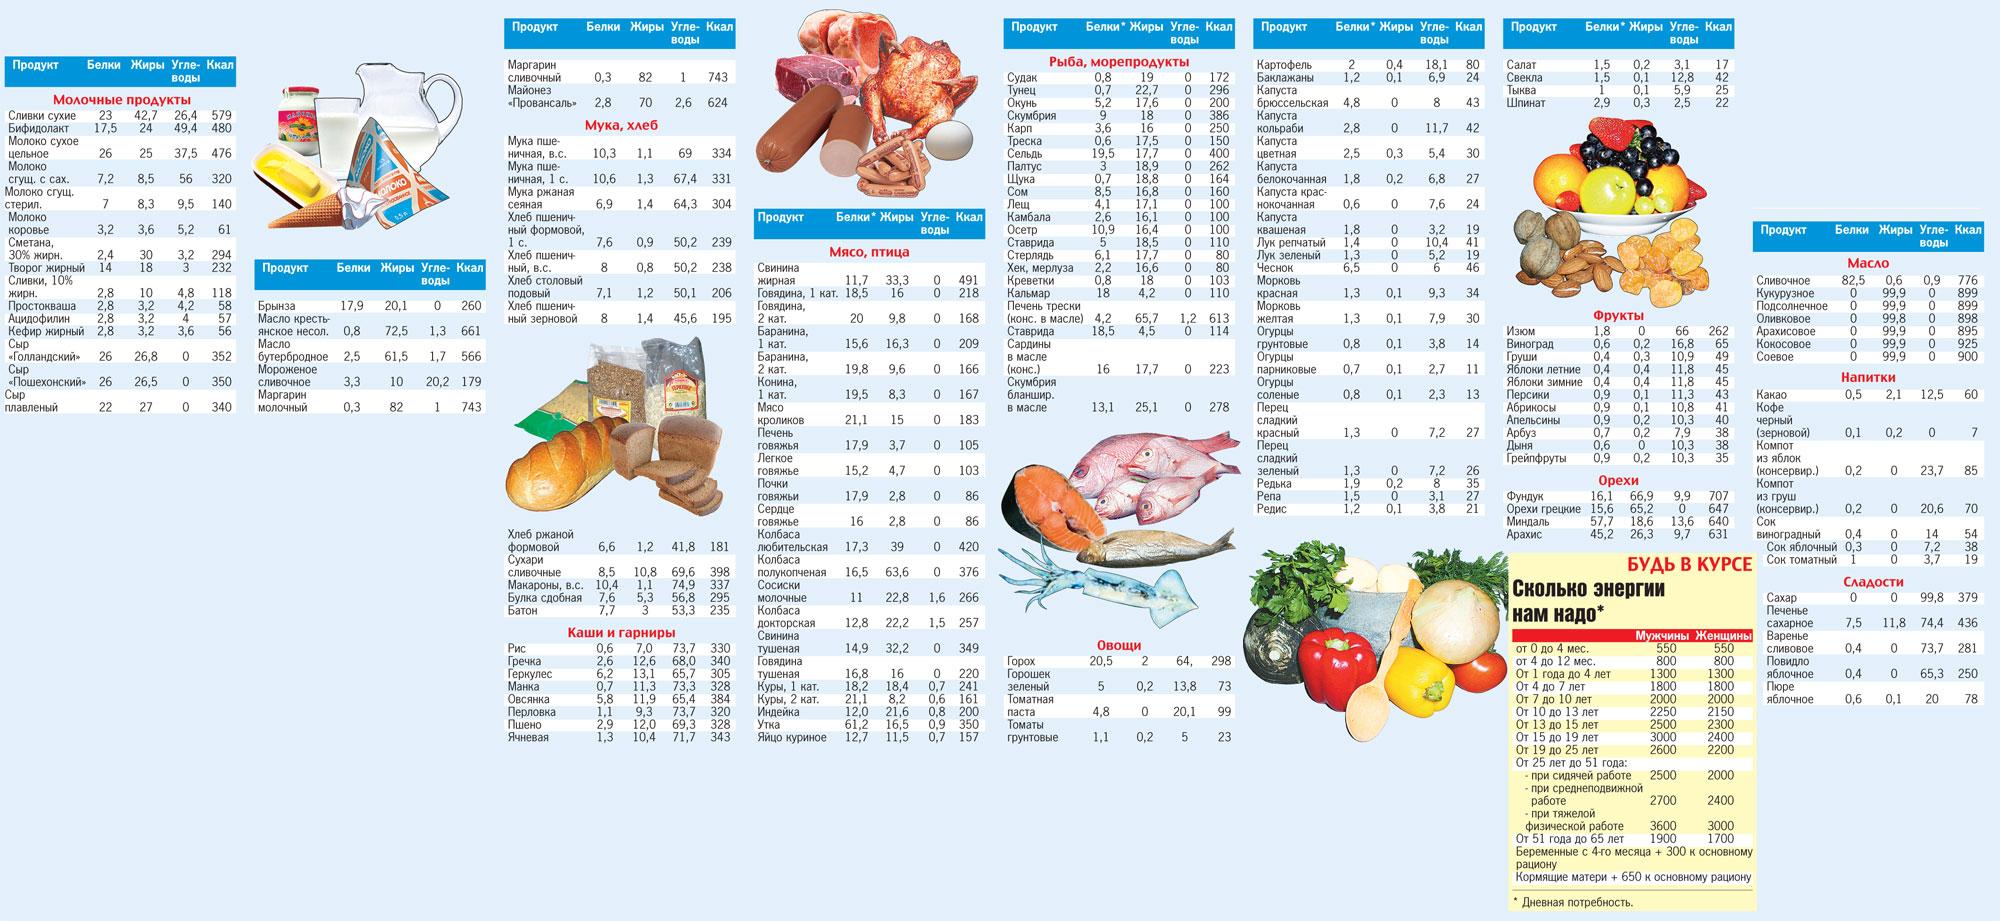 как правильно посчитать калории для похудения